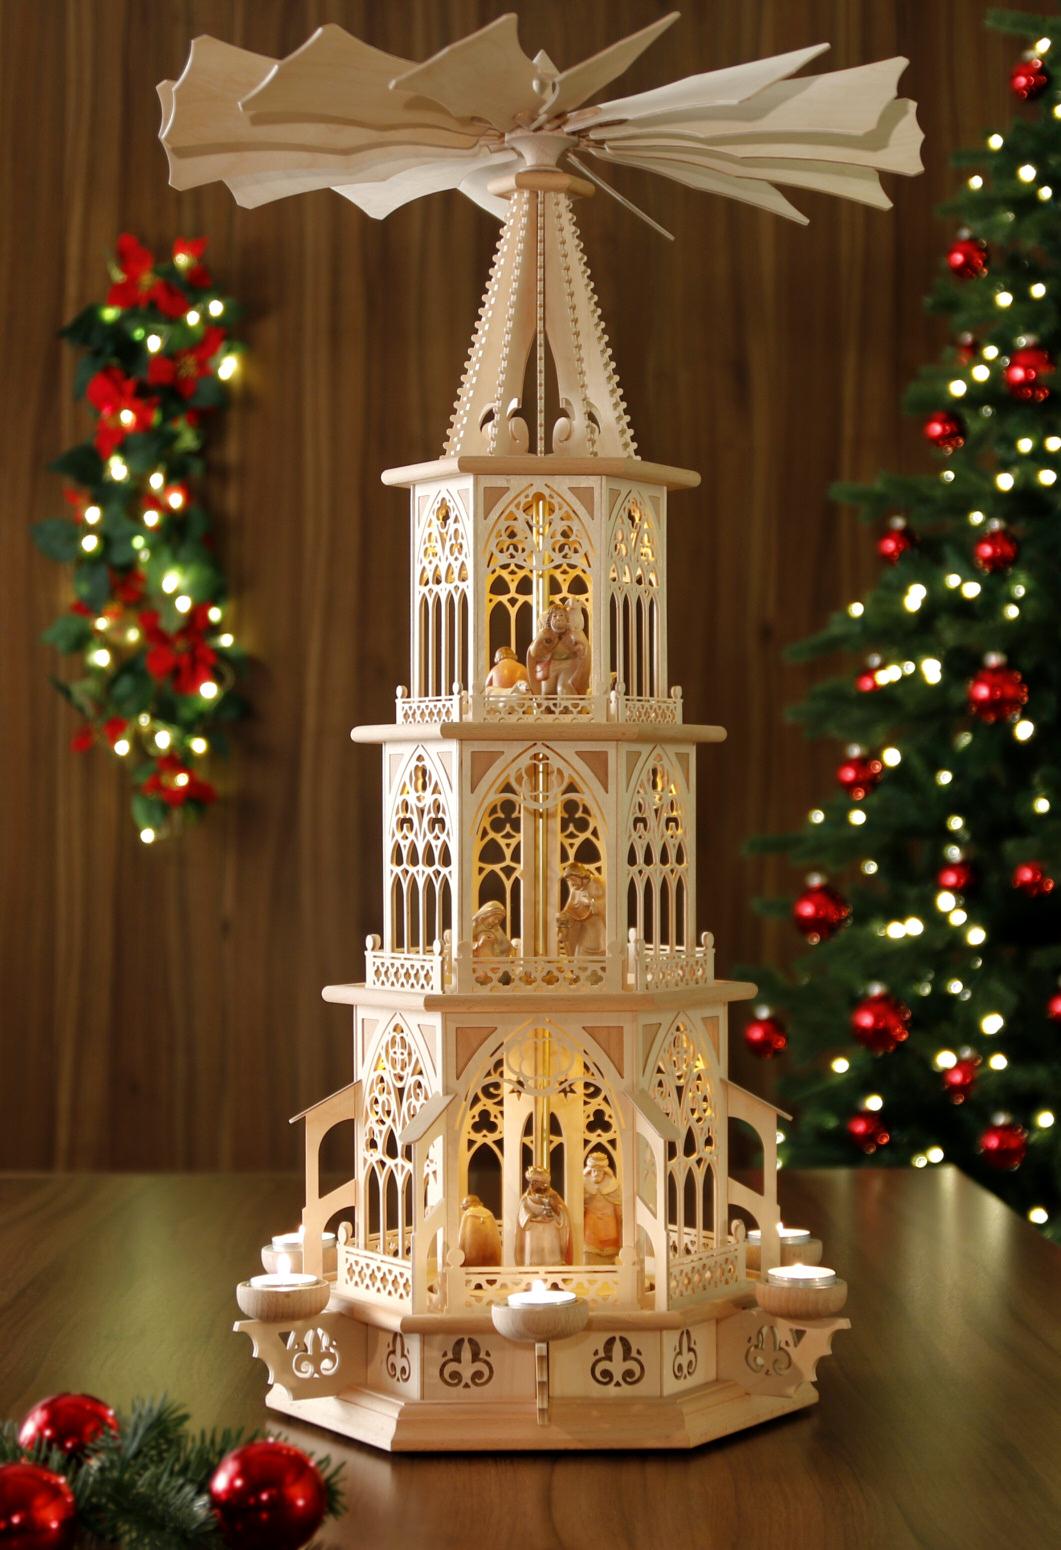 original weihnachtspyramiden aus dem erzgebirge gotische teelicht pyramide mit pema. Black Bedroom Furniture Sets. Home Design Ideas